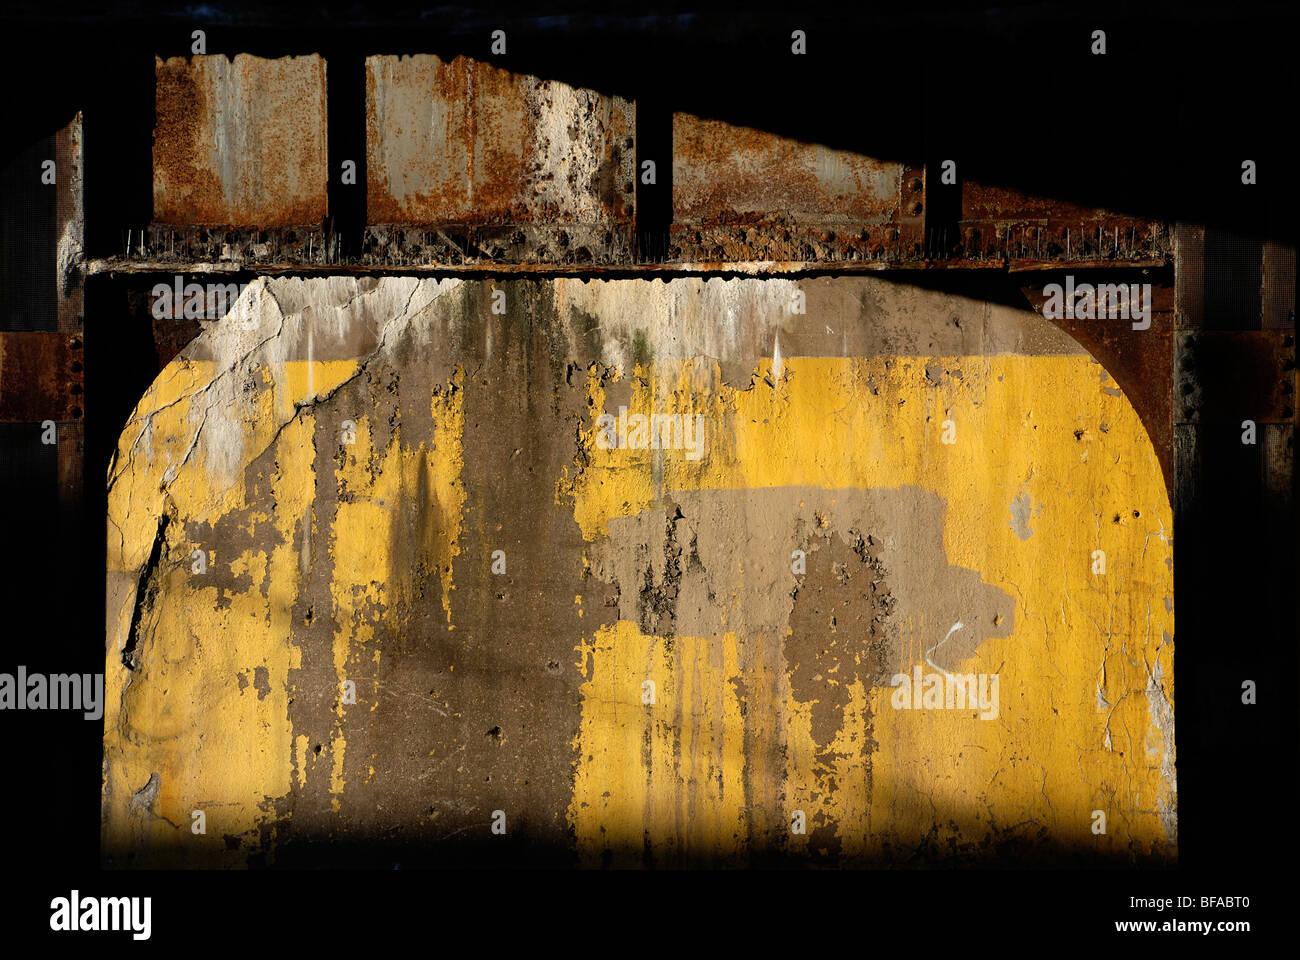 Yellow wall underneath railway viaduct - Stock Image